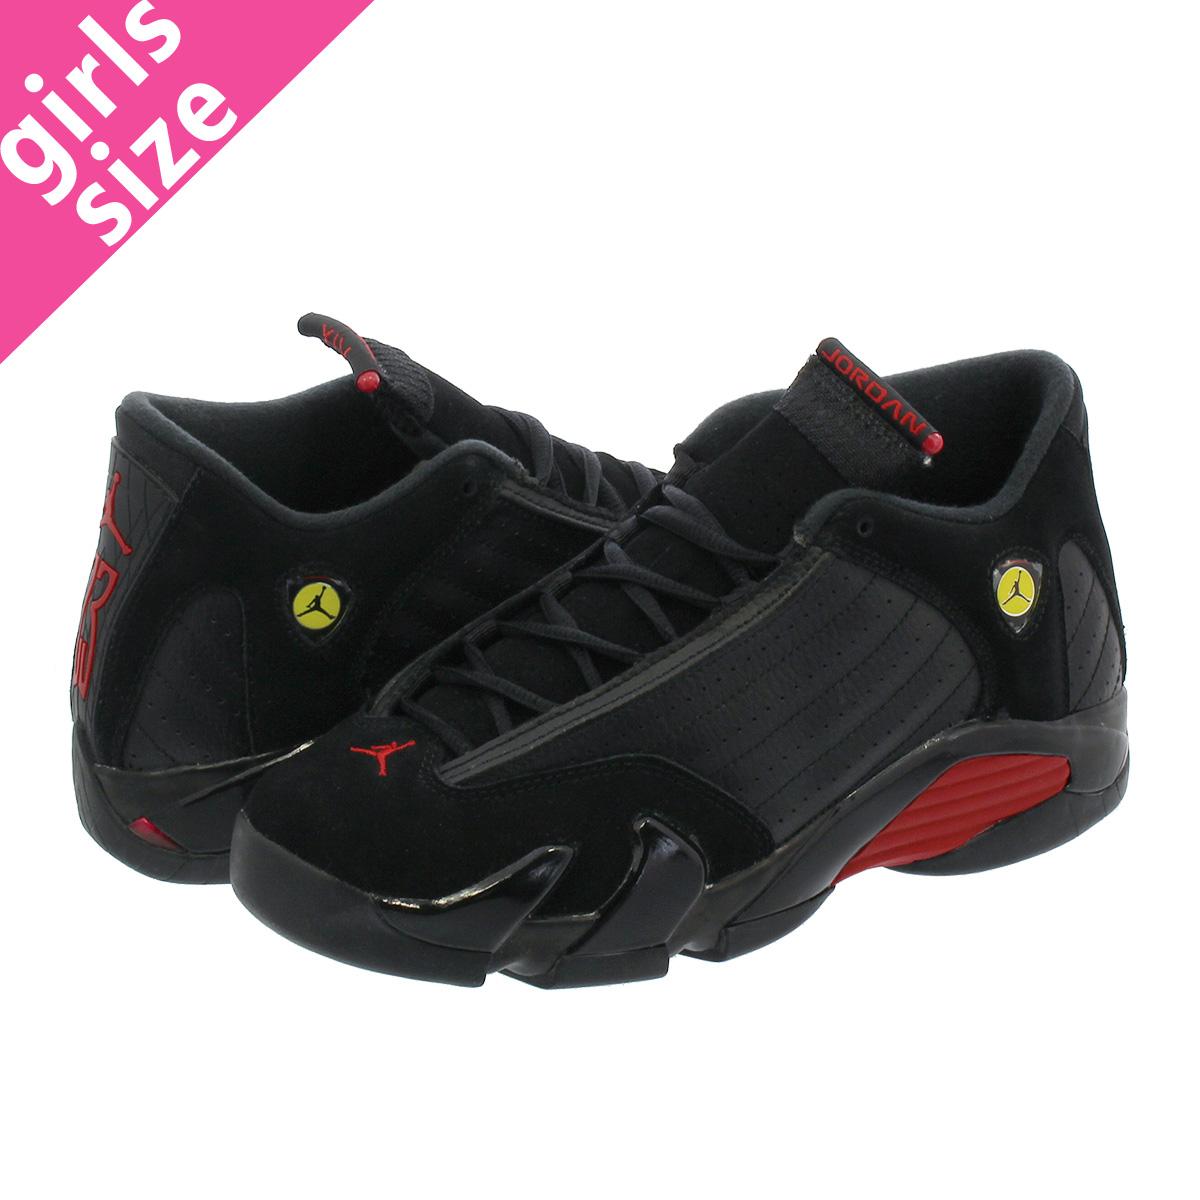 pretty nice 98fe9 c7c69 NIKE AIR JORDAN 14 RETRO BG Nike Air Jordan 14 nostalgic BG BLACK/VARSITY  RED